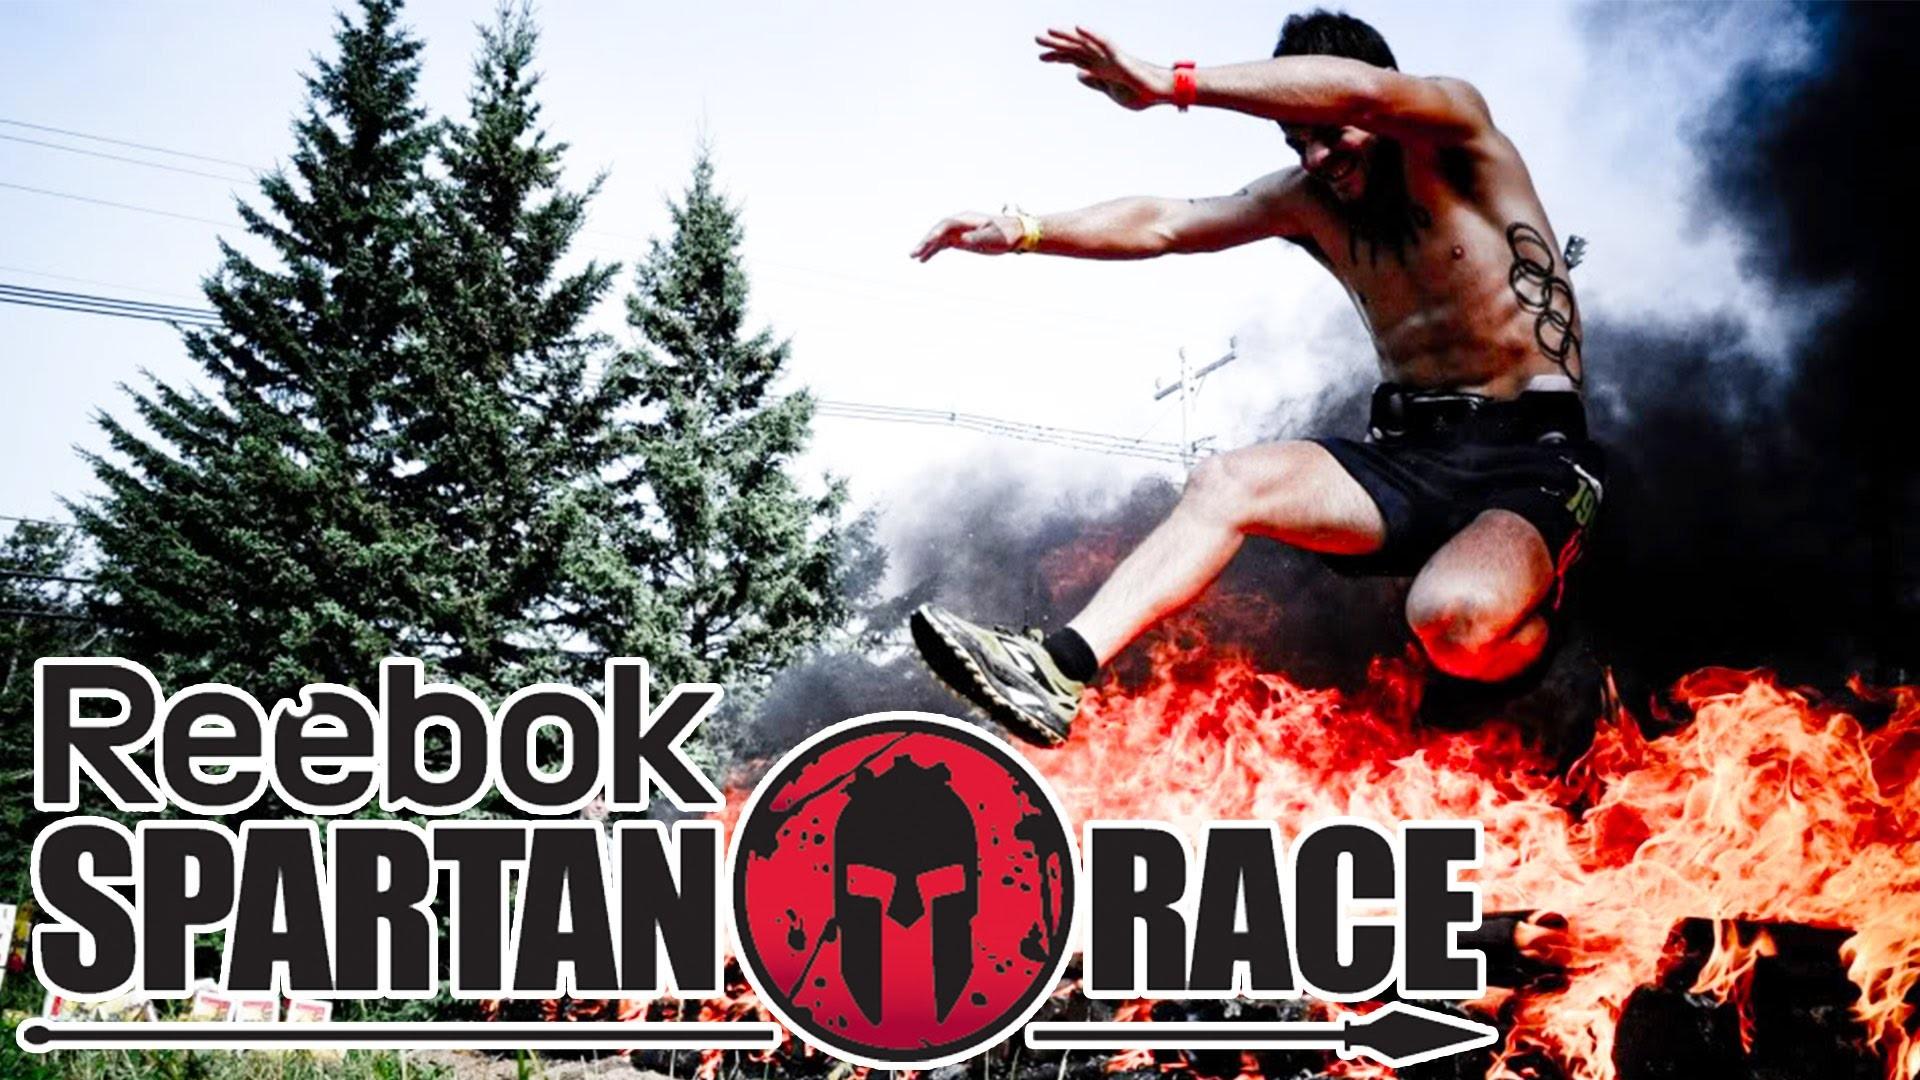 VLOG – SPARTAN RACE – Schlamm, Feuer, Schweiß und Schmerzen